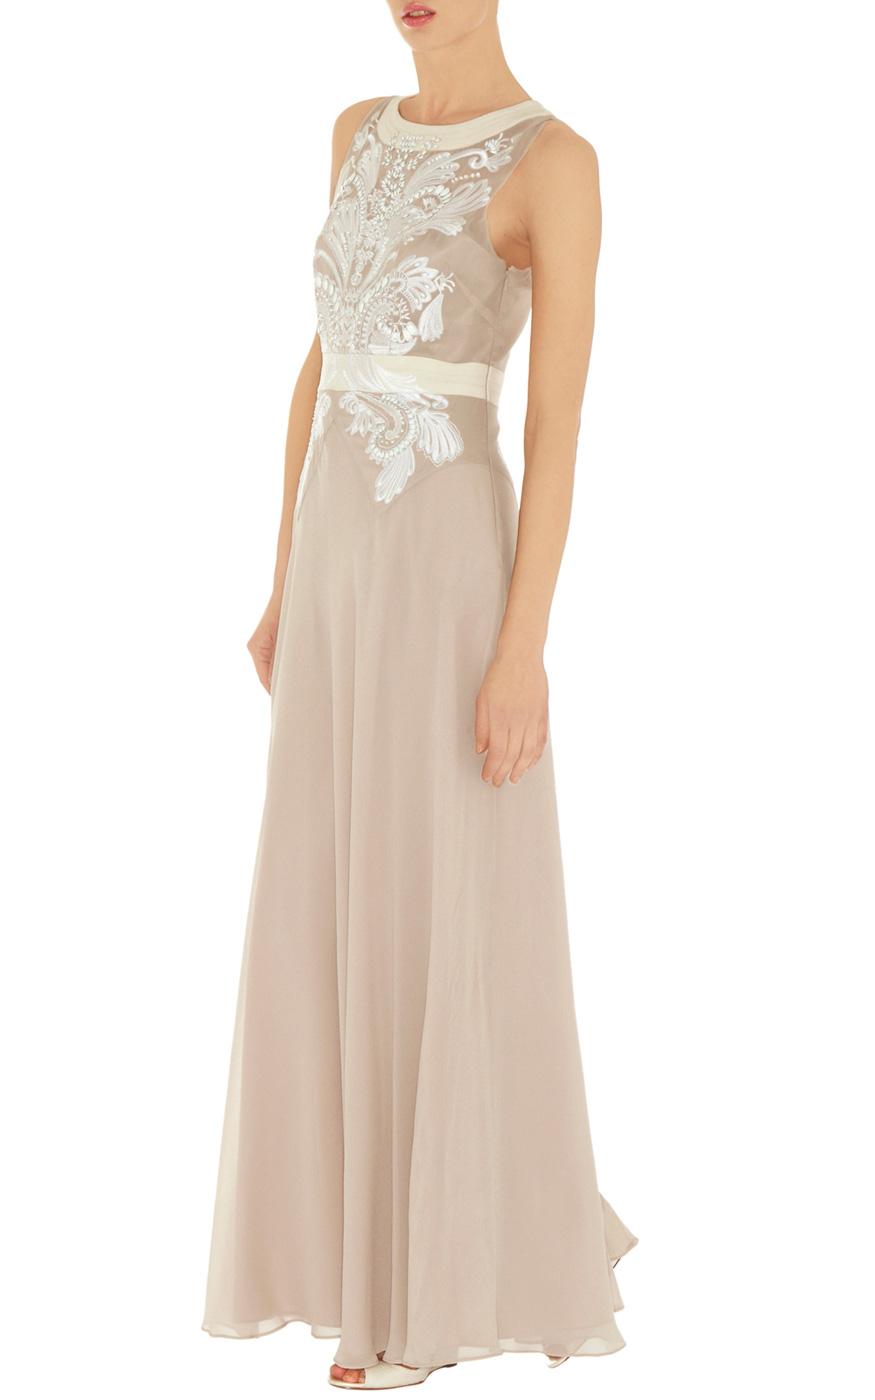 Karen Millen Cutwork and Bead Maxi Dress in Natural - Lyst